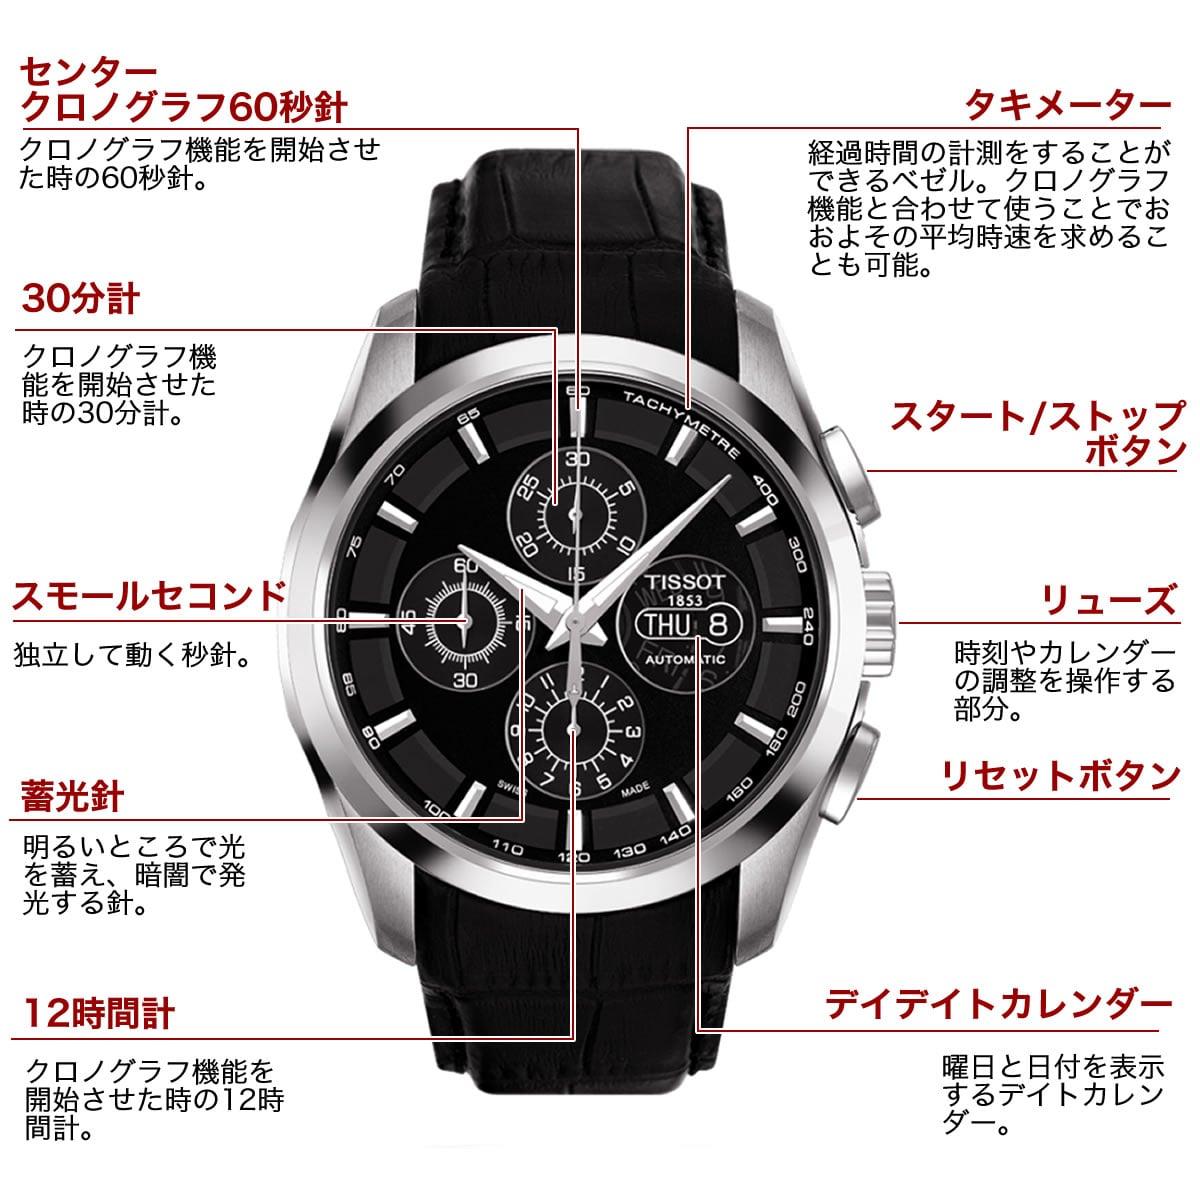 ティソ 自動巻き 男性用腕時計t0356141605100